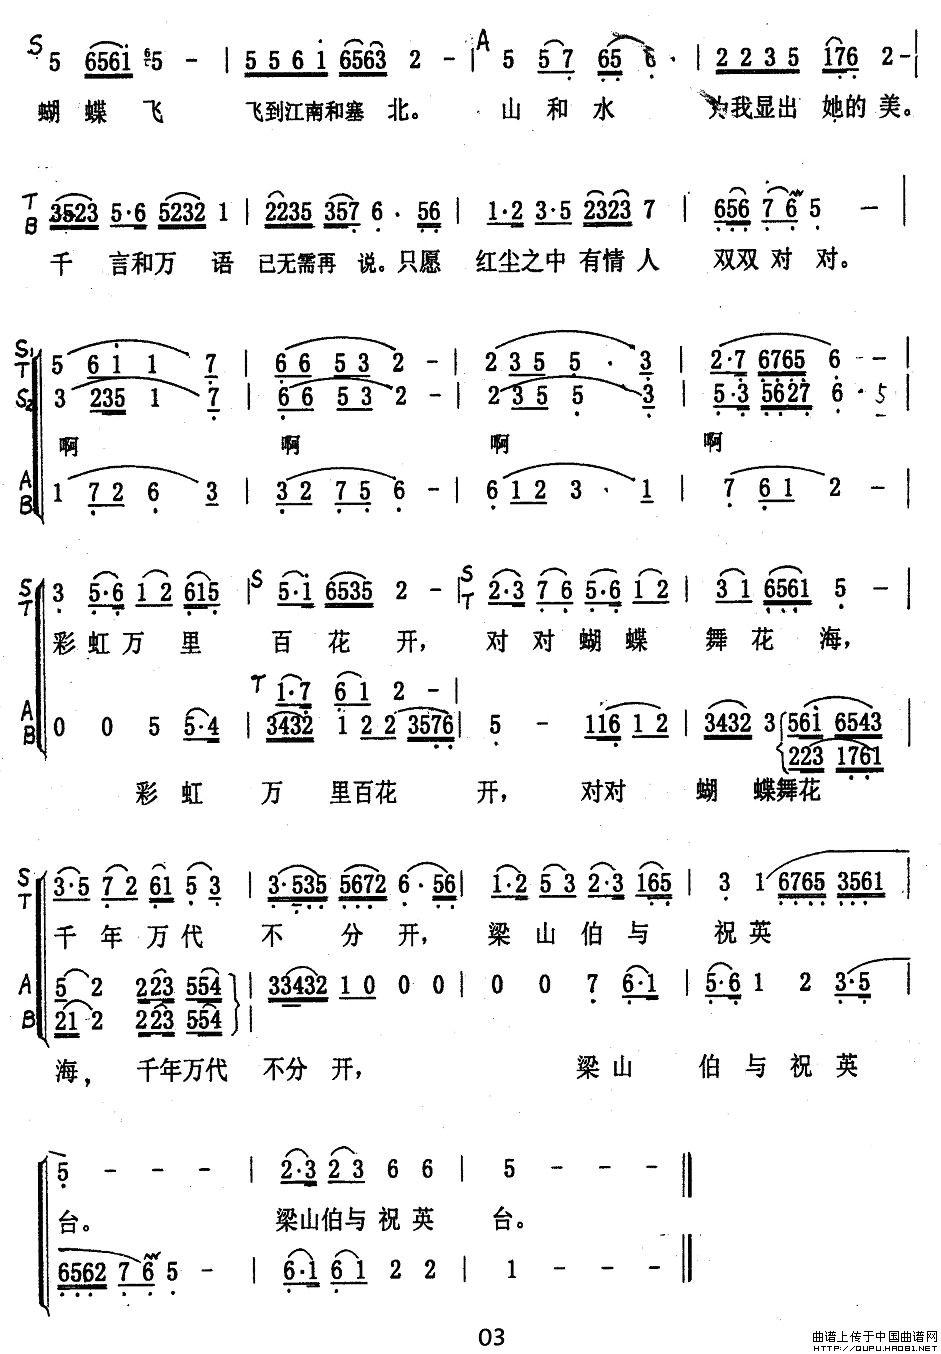 化蝶简谱(阎肃填词版)_合唱曲谱_中国曲谱网图片